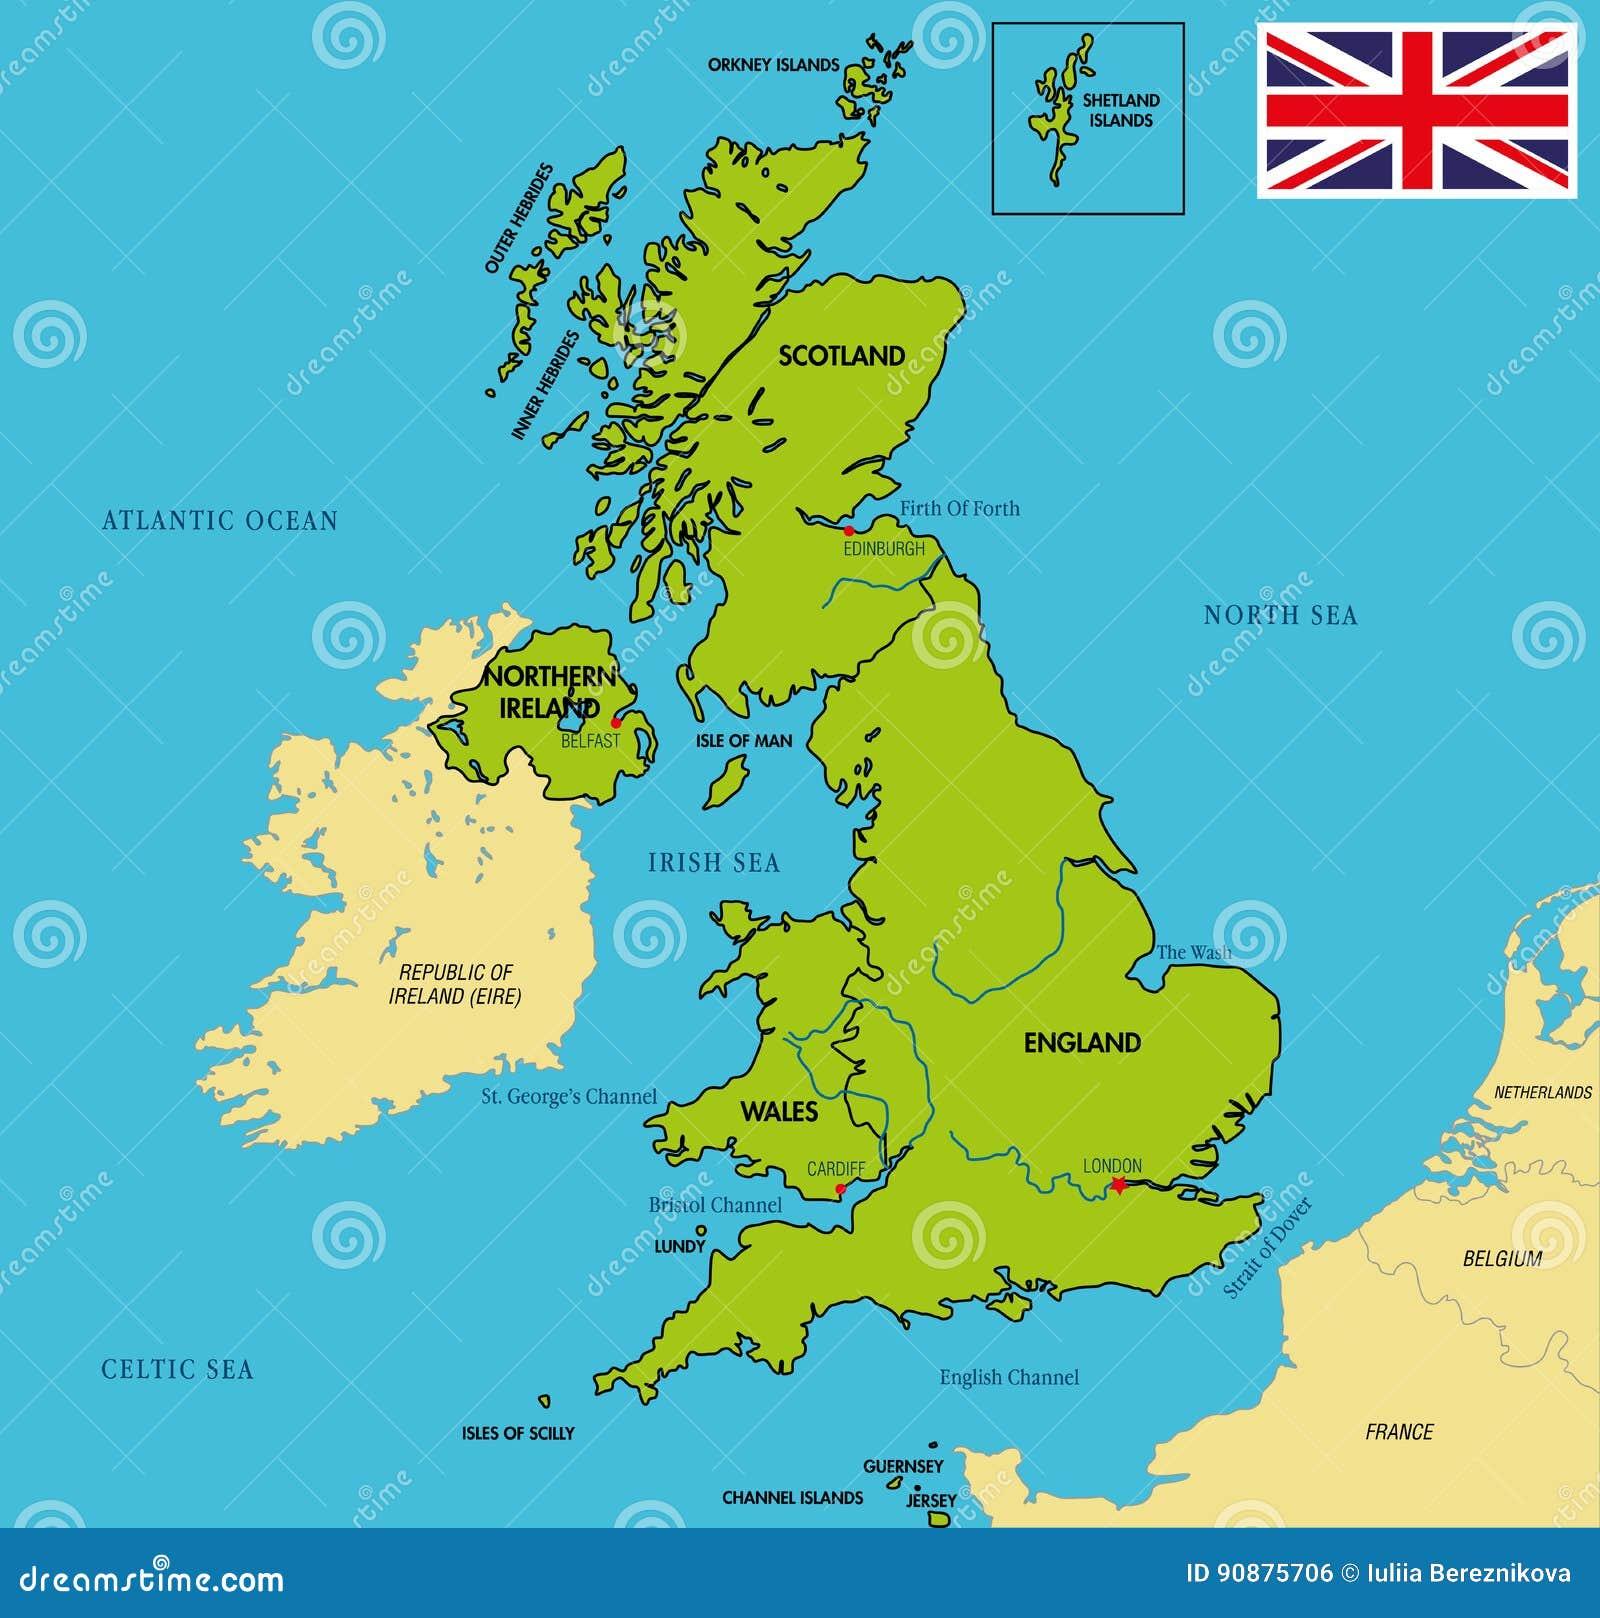 Mapa Político De Reino Unido Con Regiones Y Sus Capitales